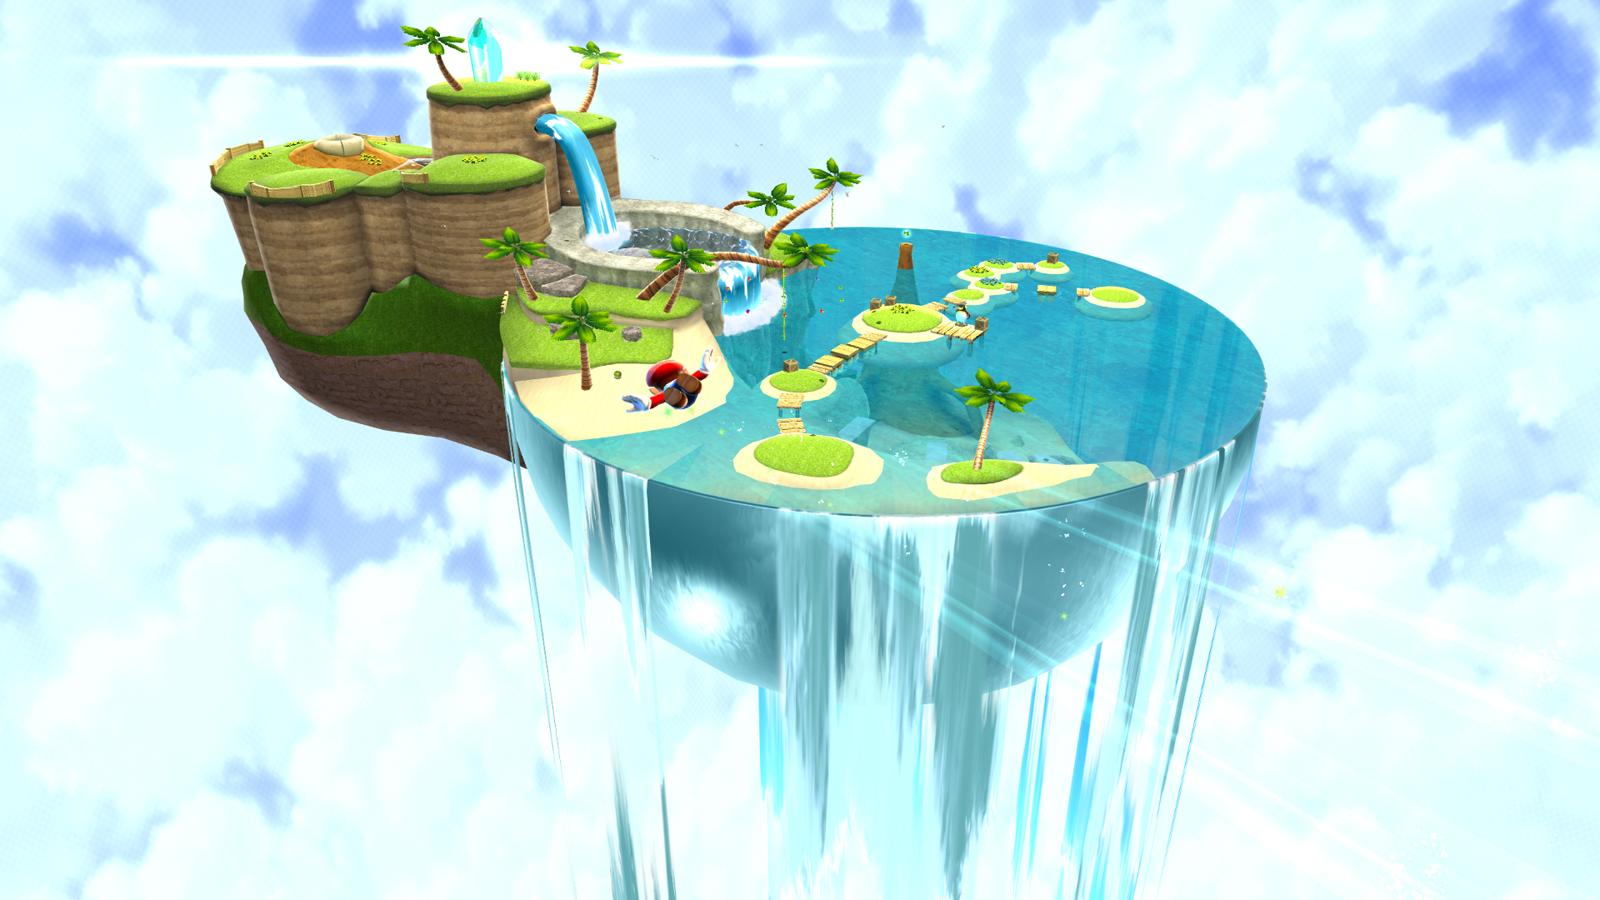 Melhores temas de férias dos games – Ouvindo Games